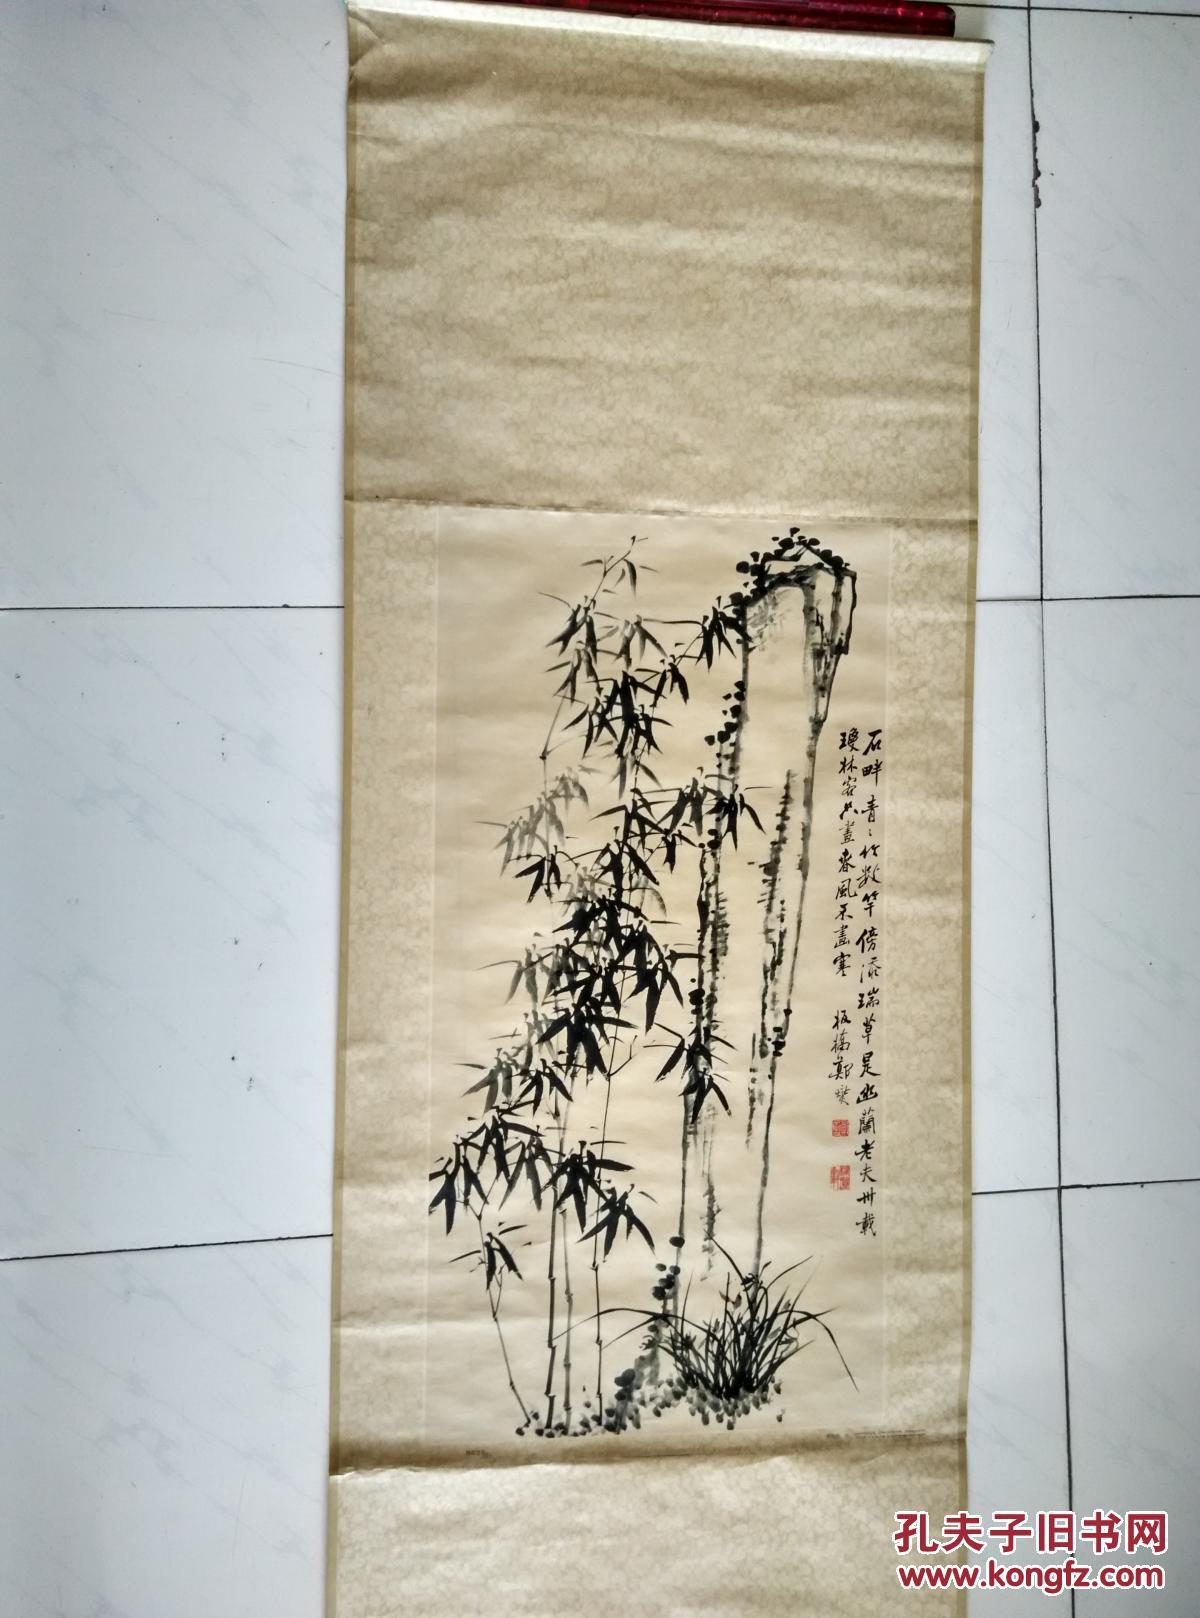 商品分类: 艺术 货号: 编织袋挂历9号